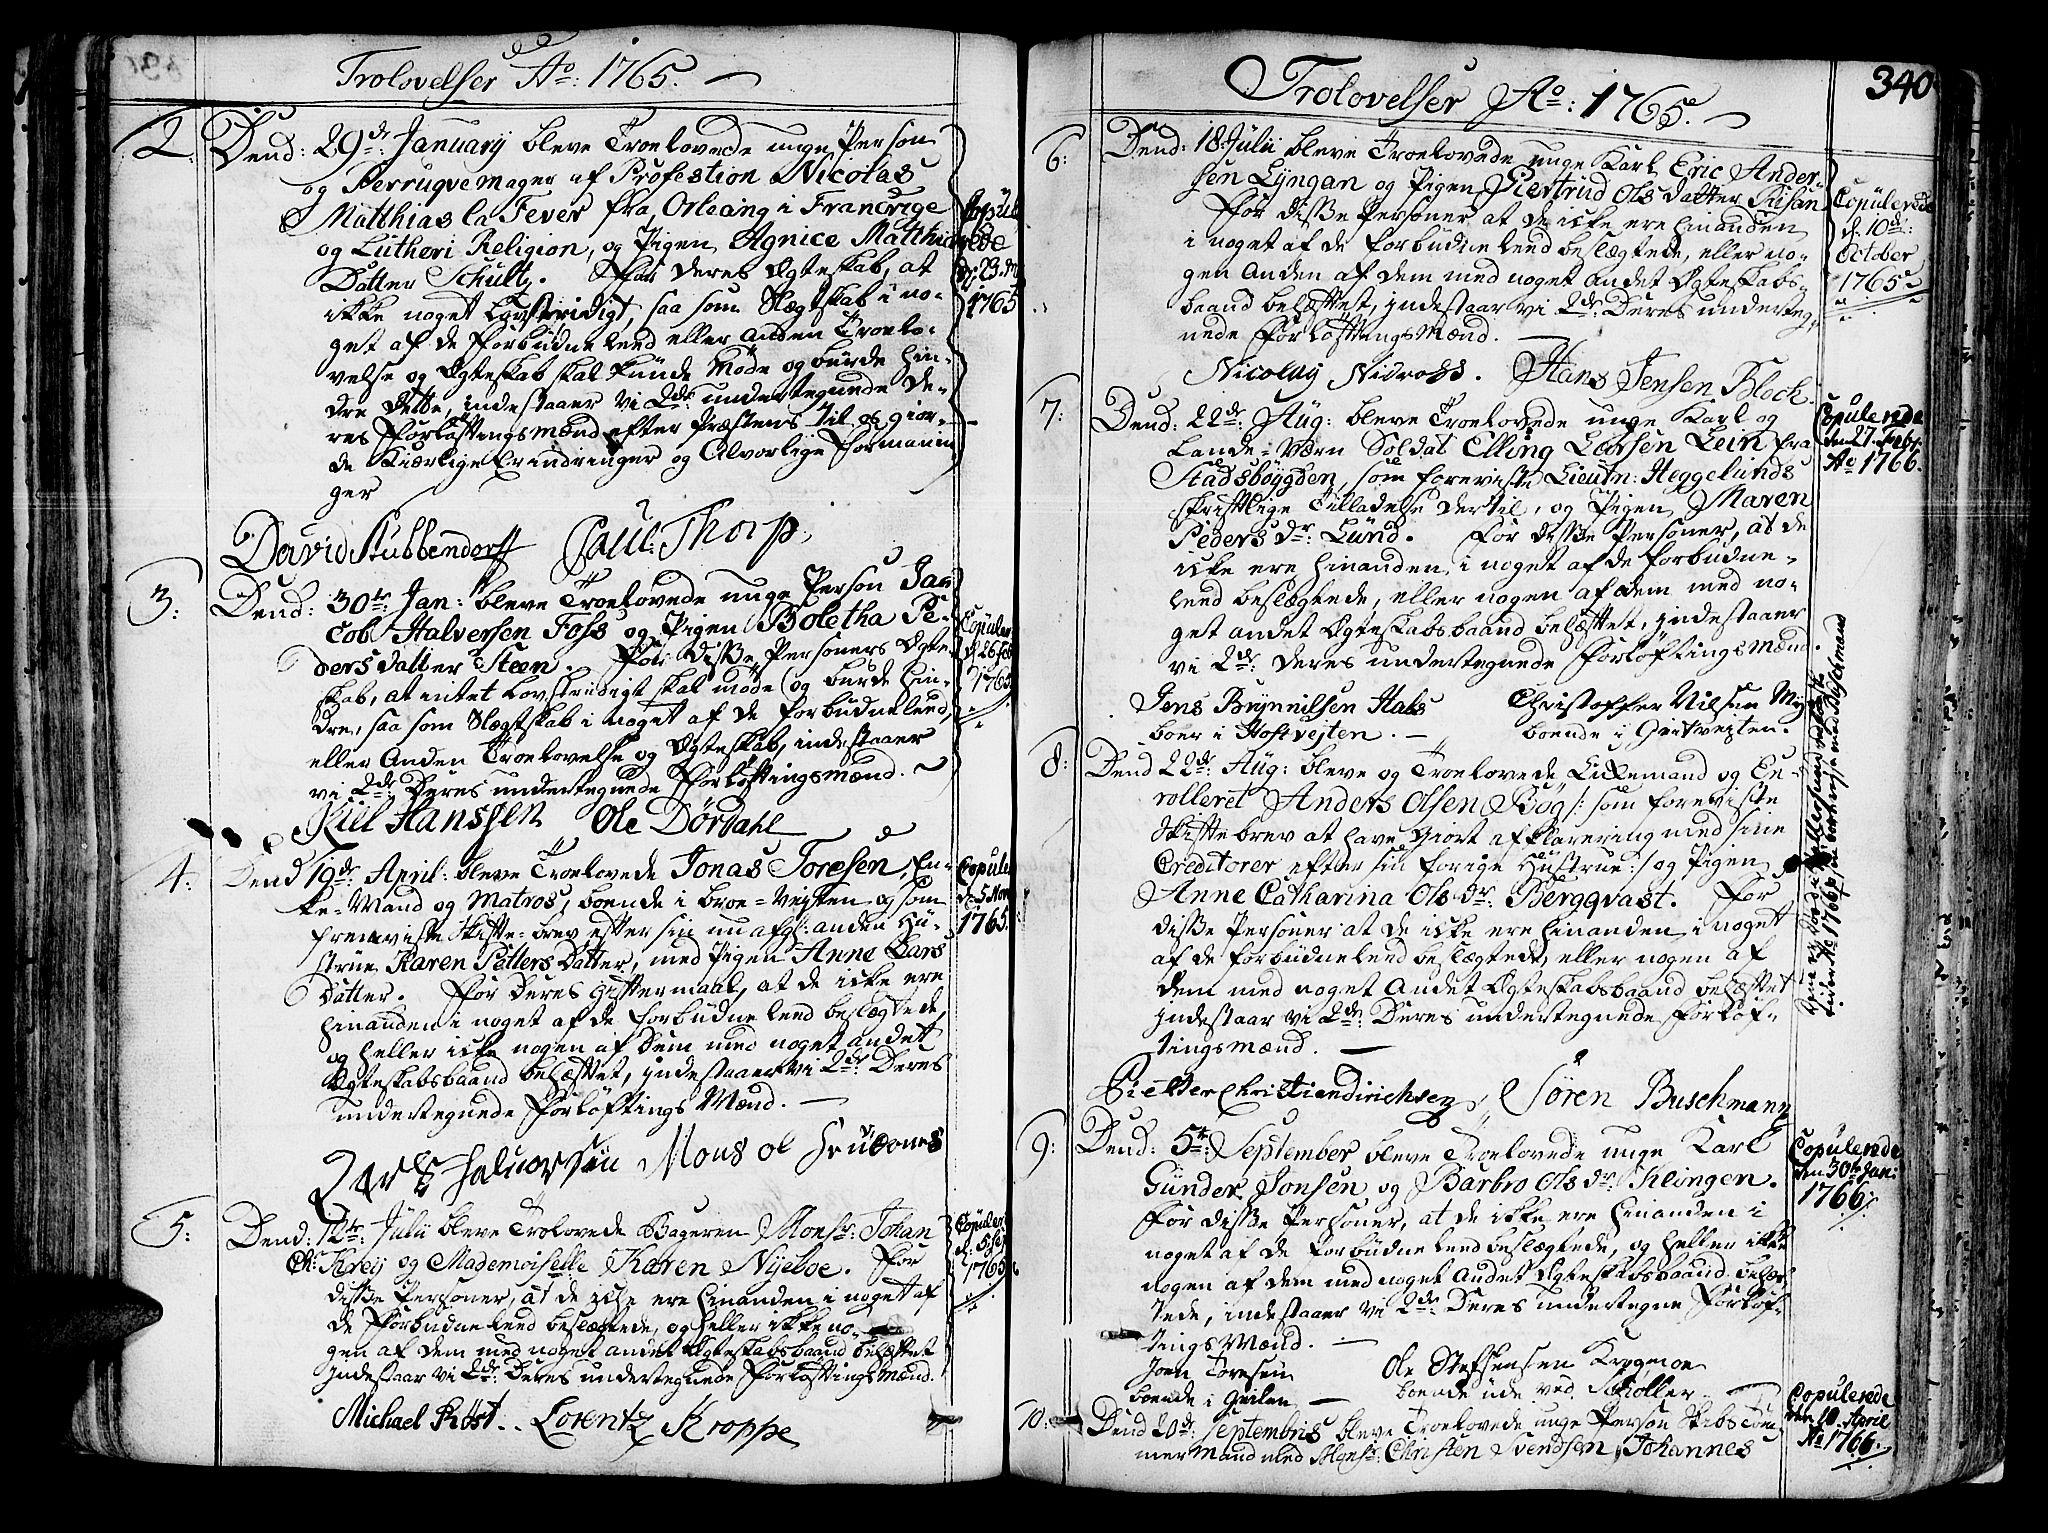 SAT, Ministerialprotokoller, klokkerbøker og fødselsregistre - Sør-Trøndelag, 602/L0103: Ministerialbok nr. 602A01, 1732-1774, s. 340